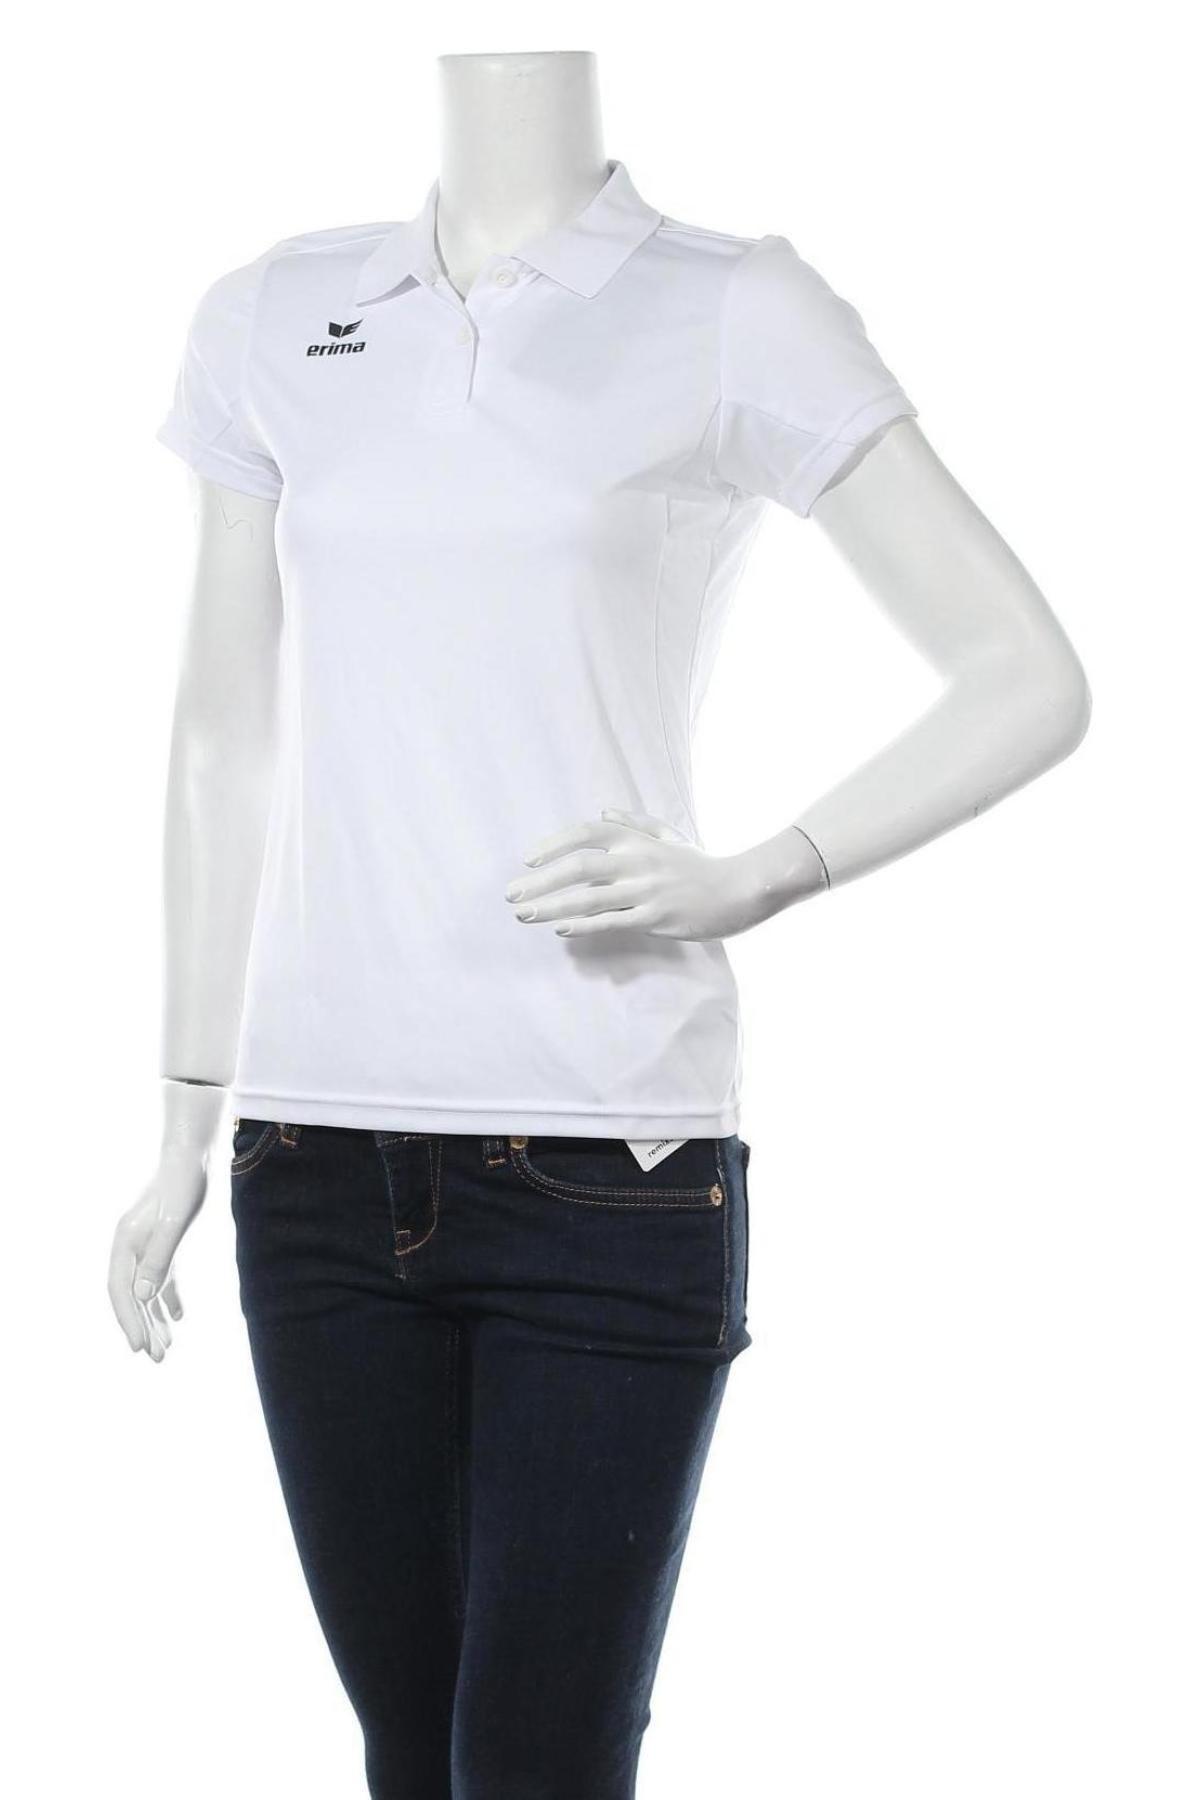 Дамска тениска Erima, Размер S, Цвят Бял, Полиестер, Цена 12,54лв.